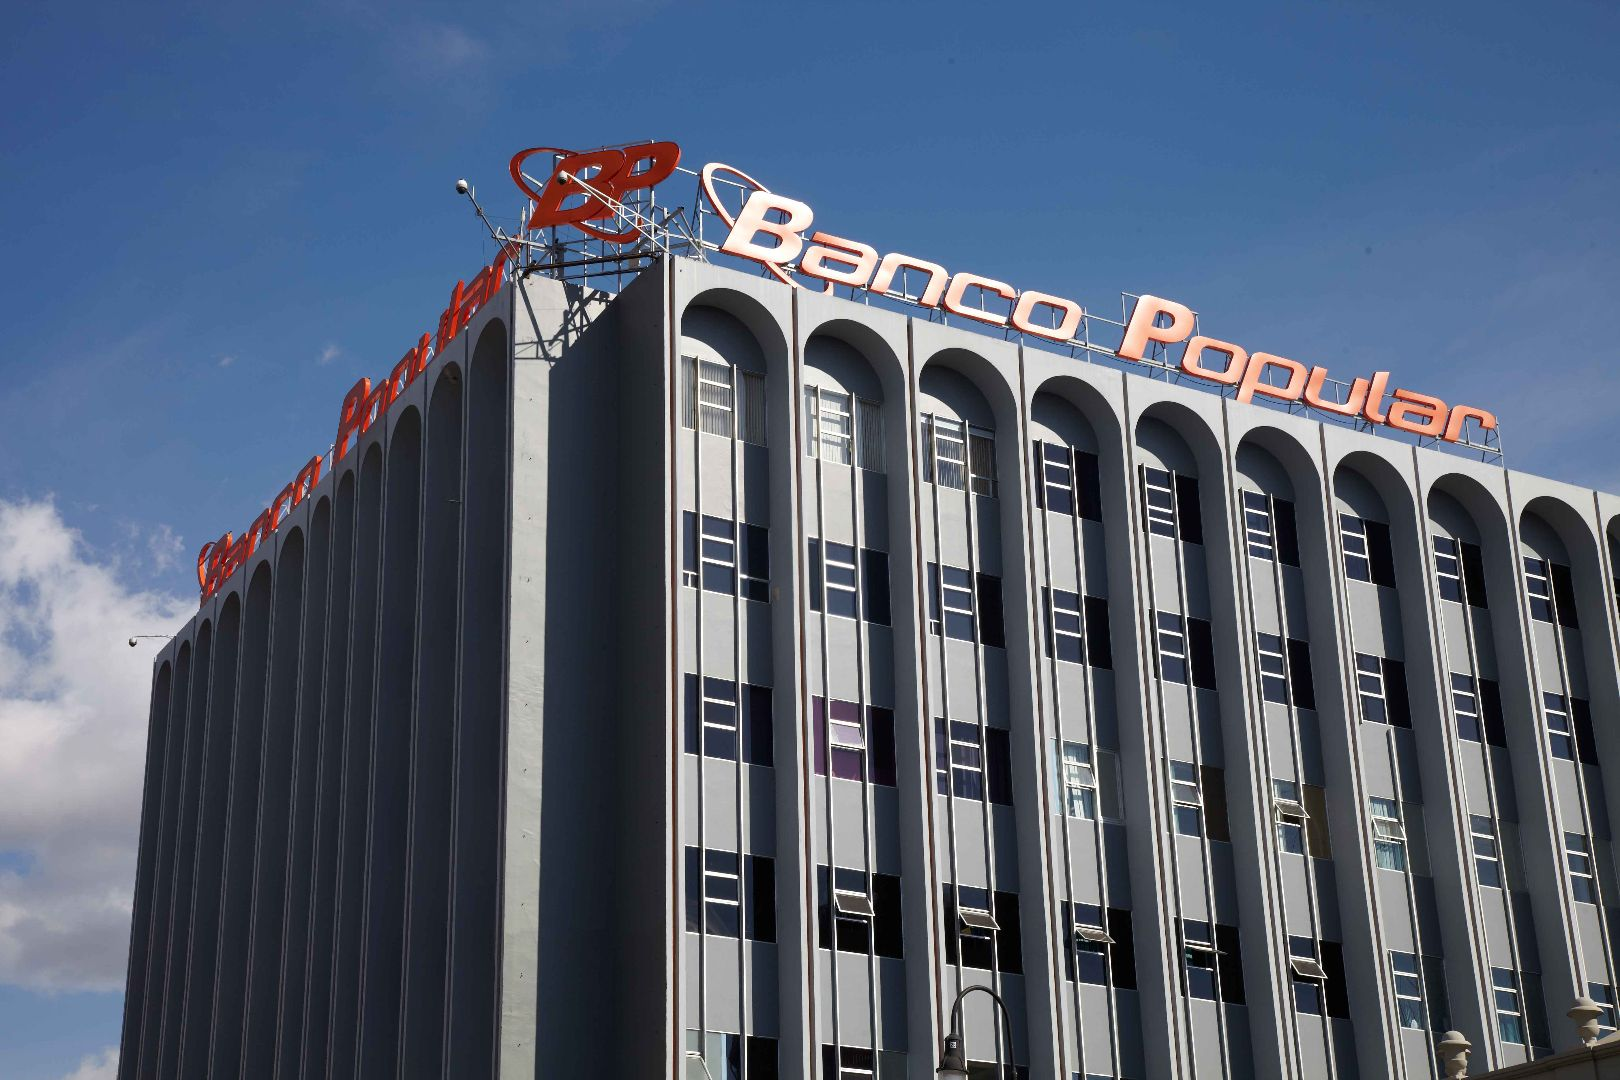 Banco popular trabajar con normalidad hasta el 23 de for Banco popular bilbao oficinas